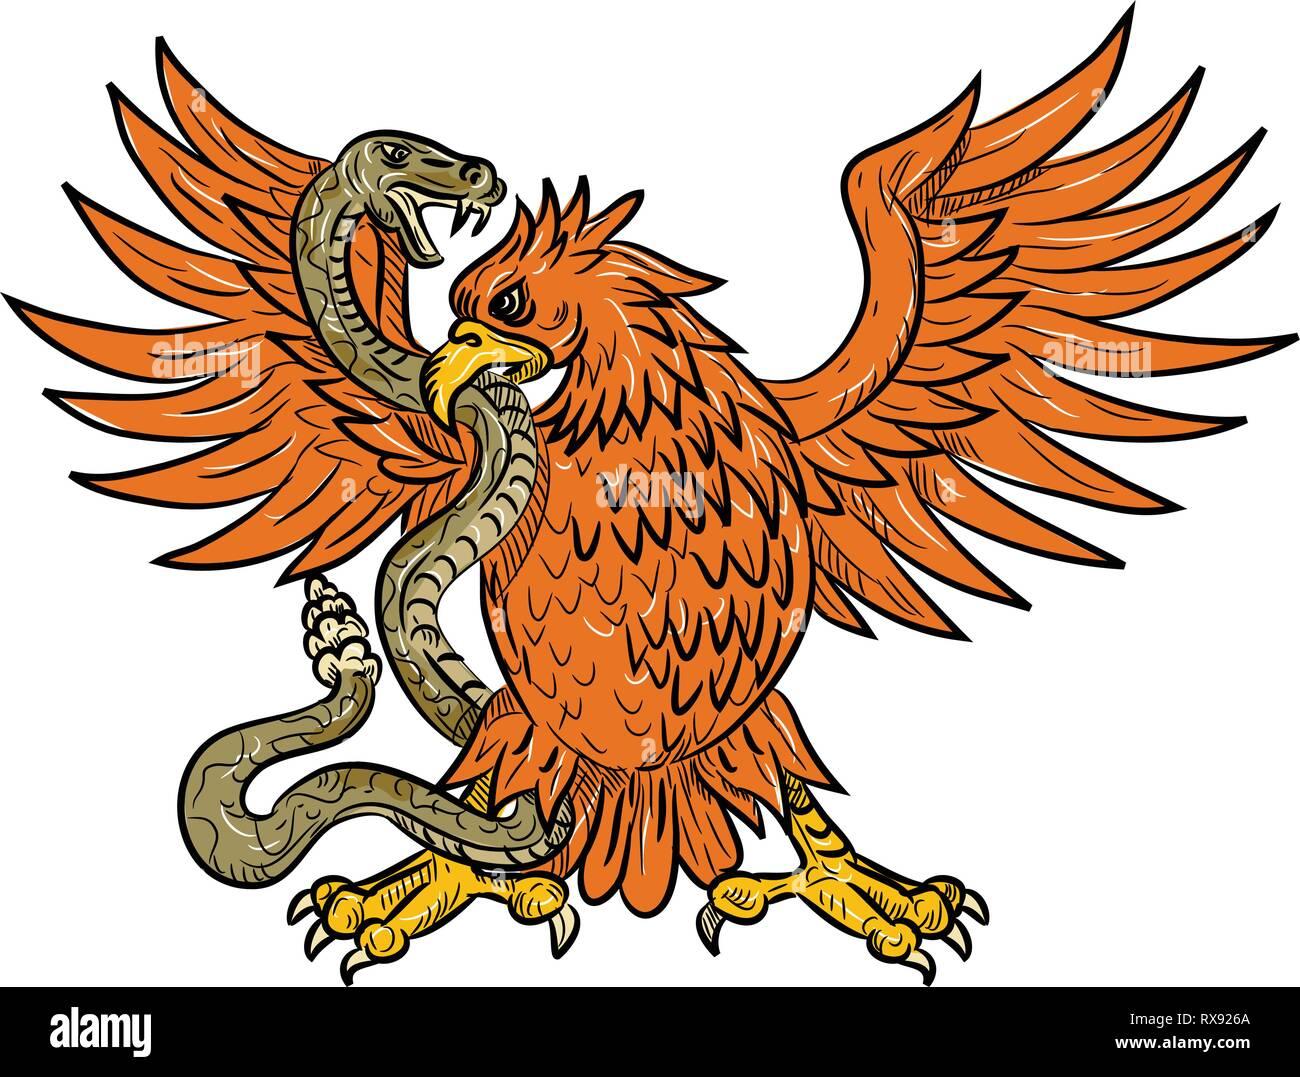 Style croquis dessin illustration d'un American golden eagle, l'aigle mexicain ou du nord caracara huppé aux prises un crotale, serpent, vipère ou ser Illustration de Vecteur